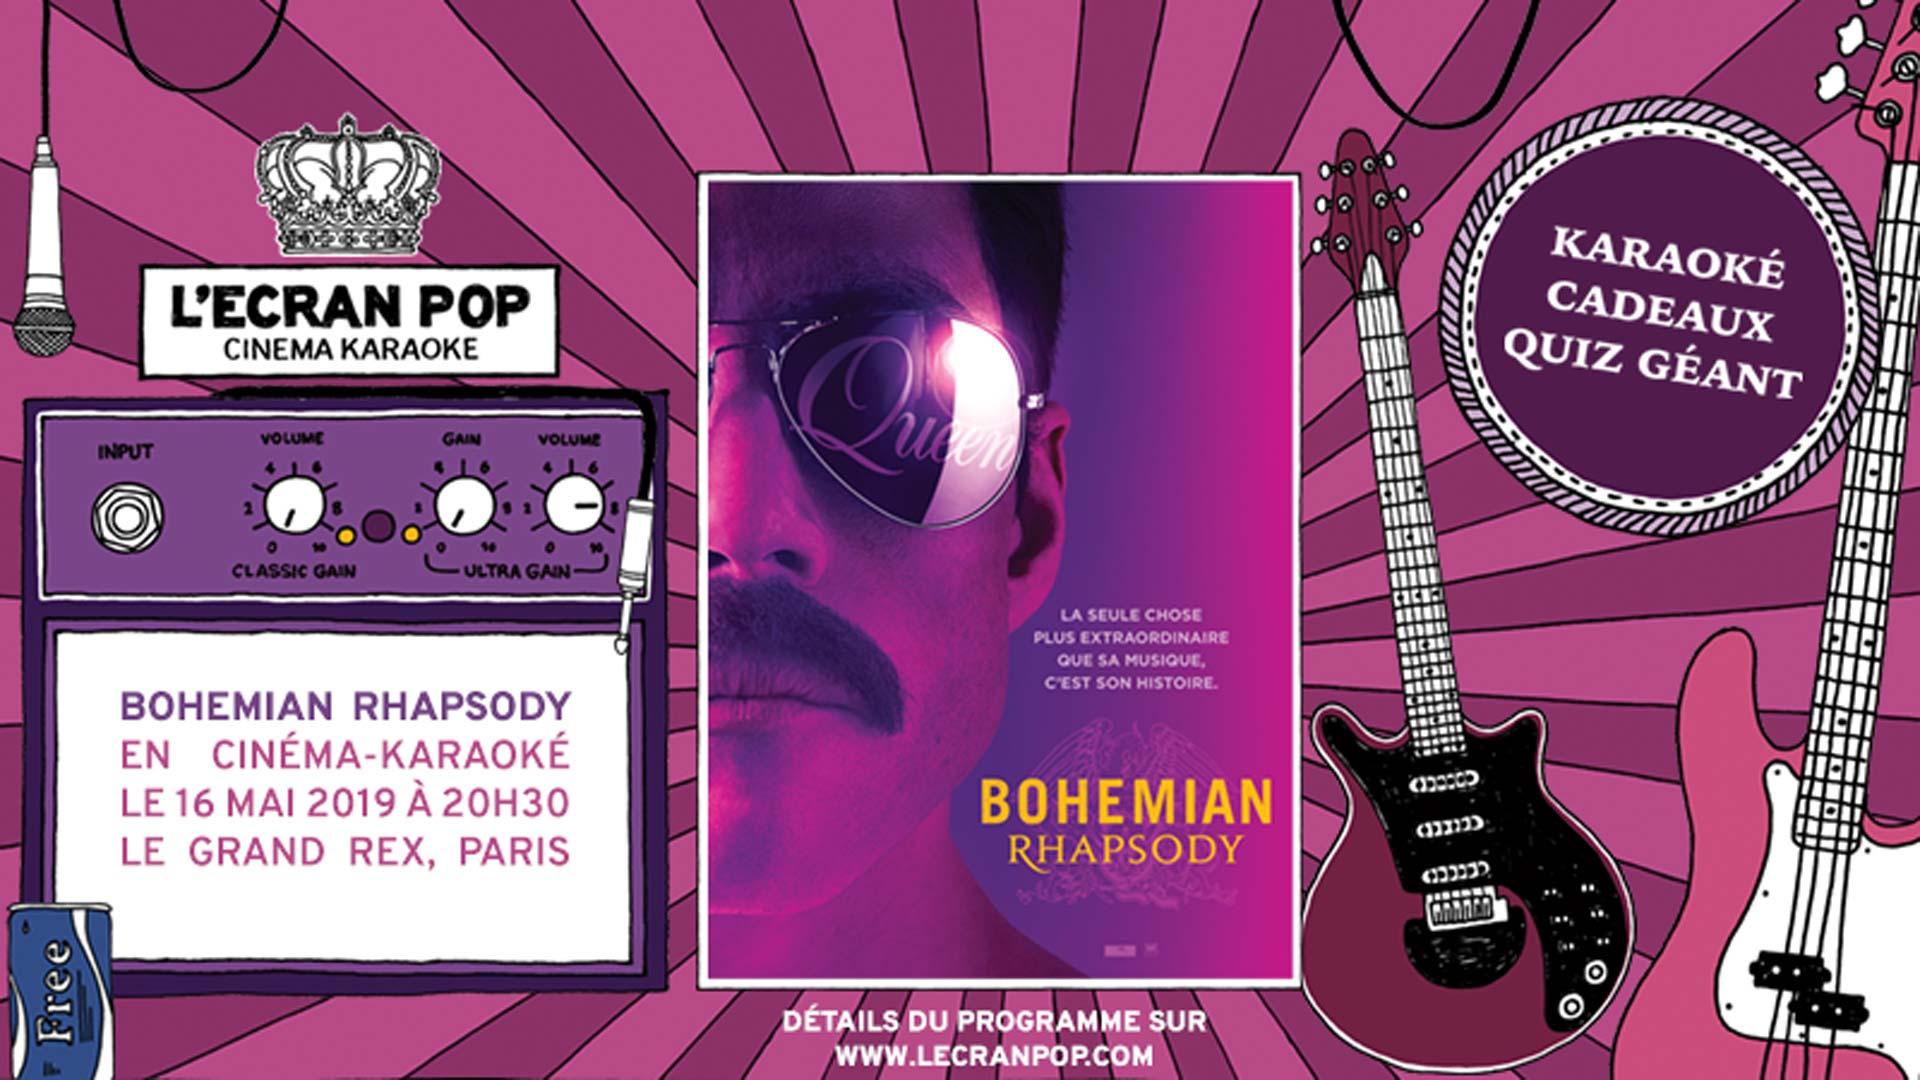 Visuel du jeu-concours pour participer au cinéma-karaoké de Bohemian Rhapsody au Grand Rex avec TF1 et Vous